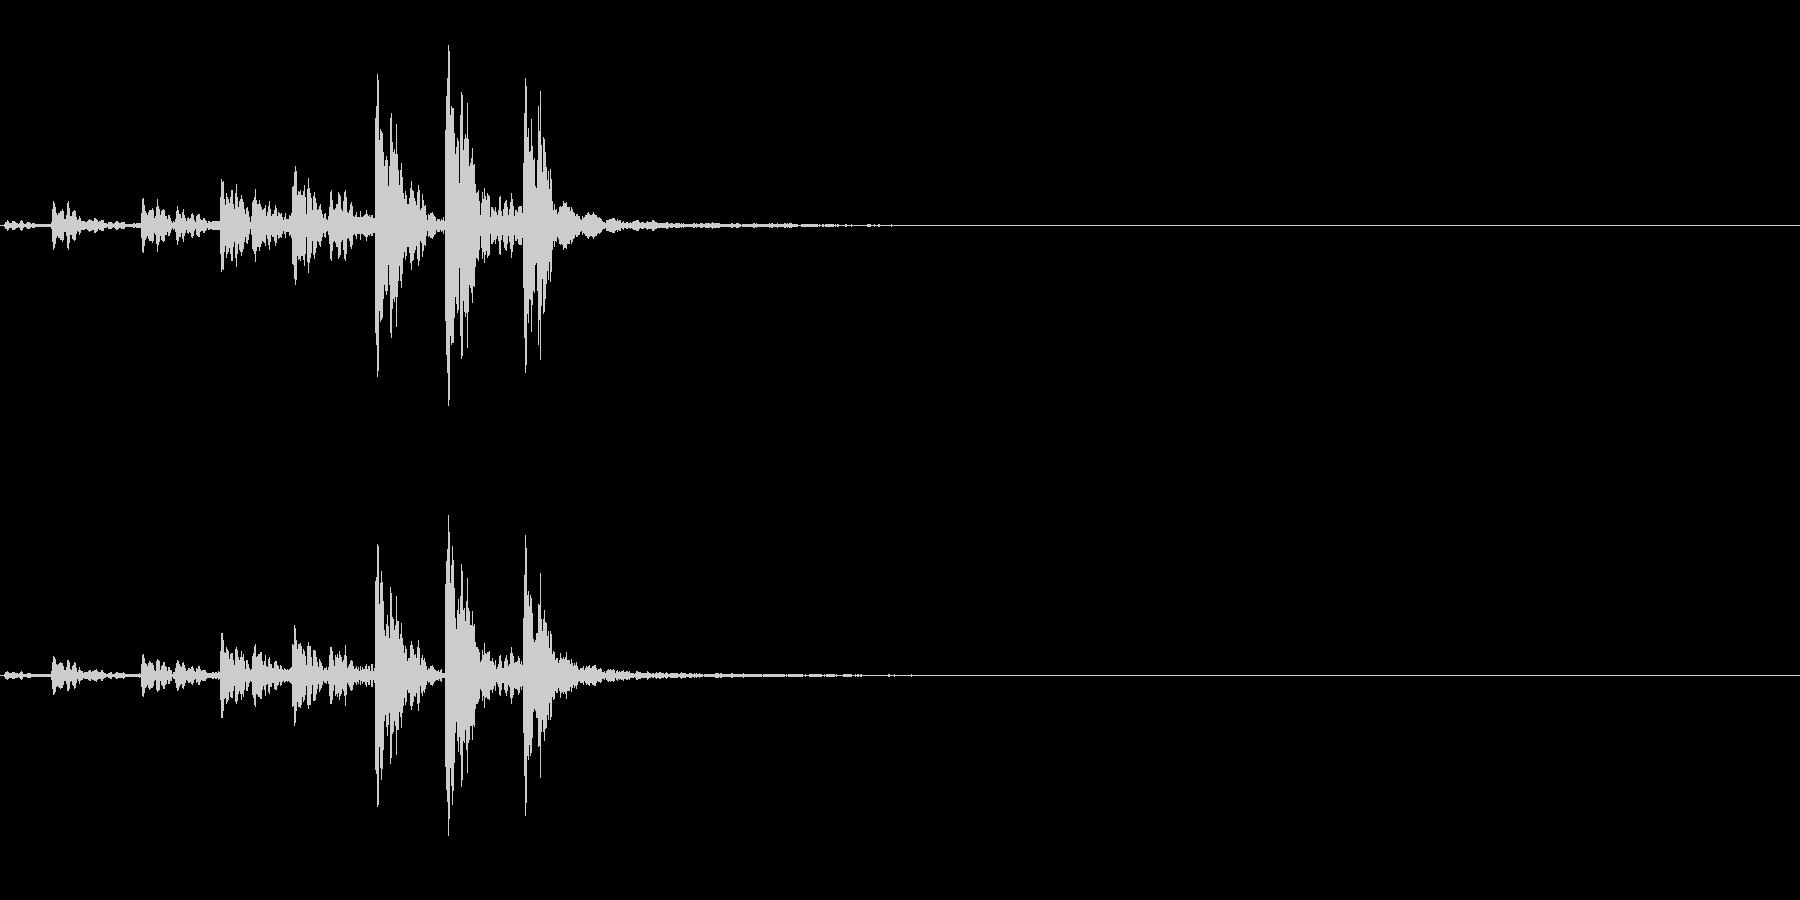 相撲などの触れ太鼓「大拍子」連続音2FXの未再生の波形